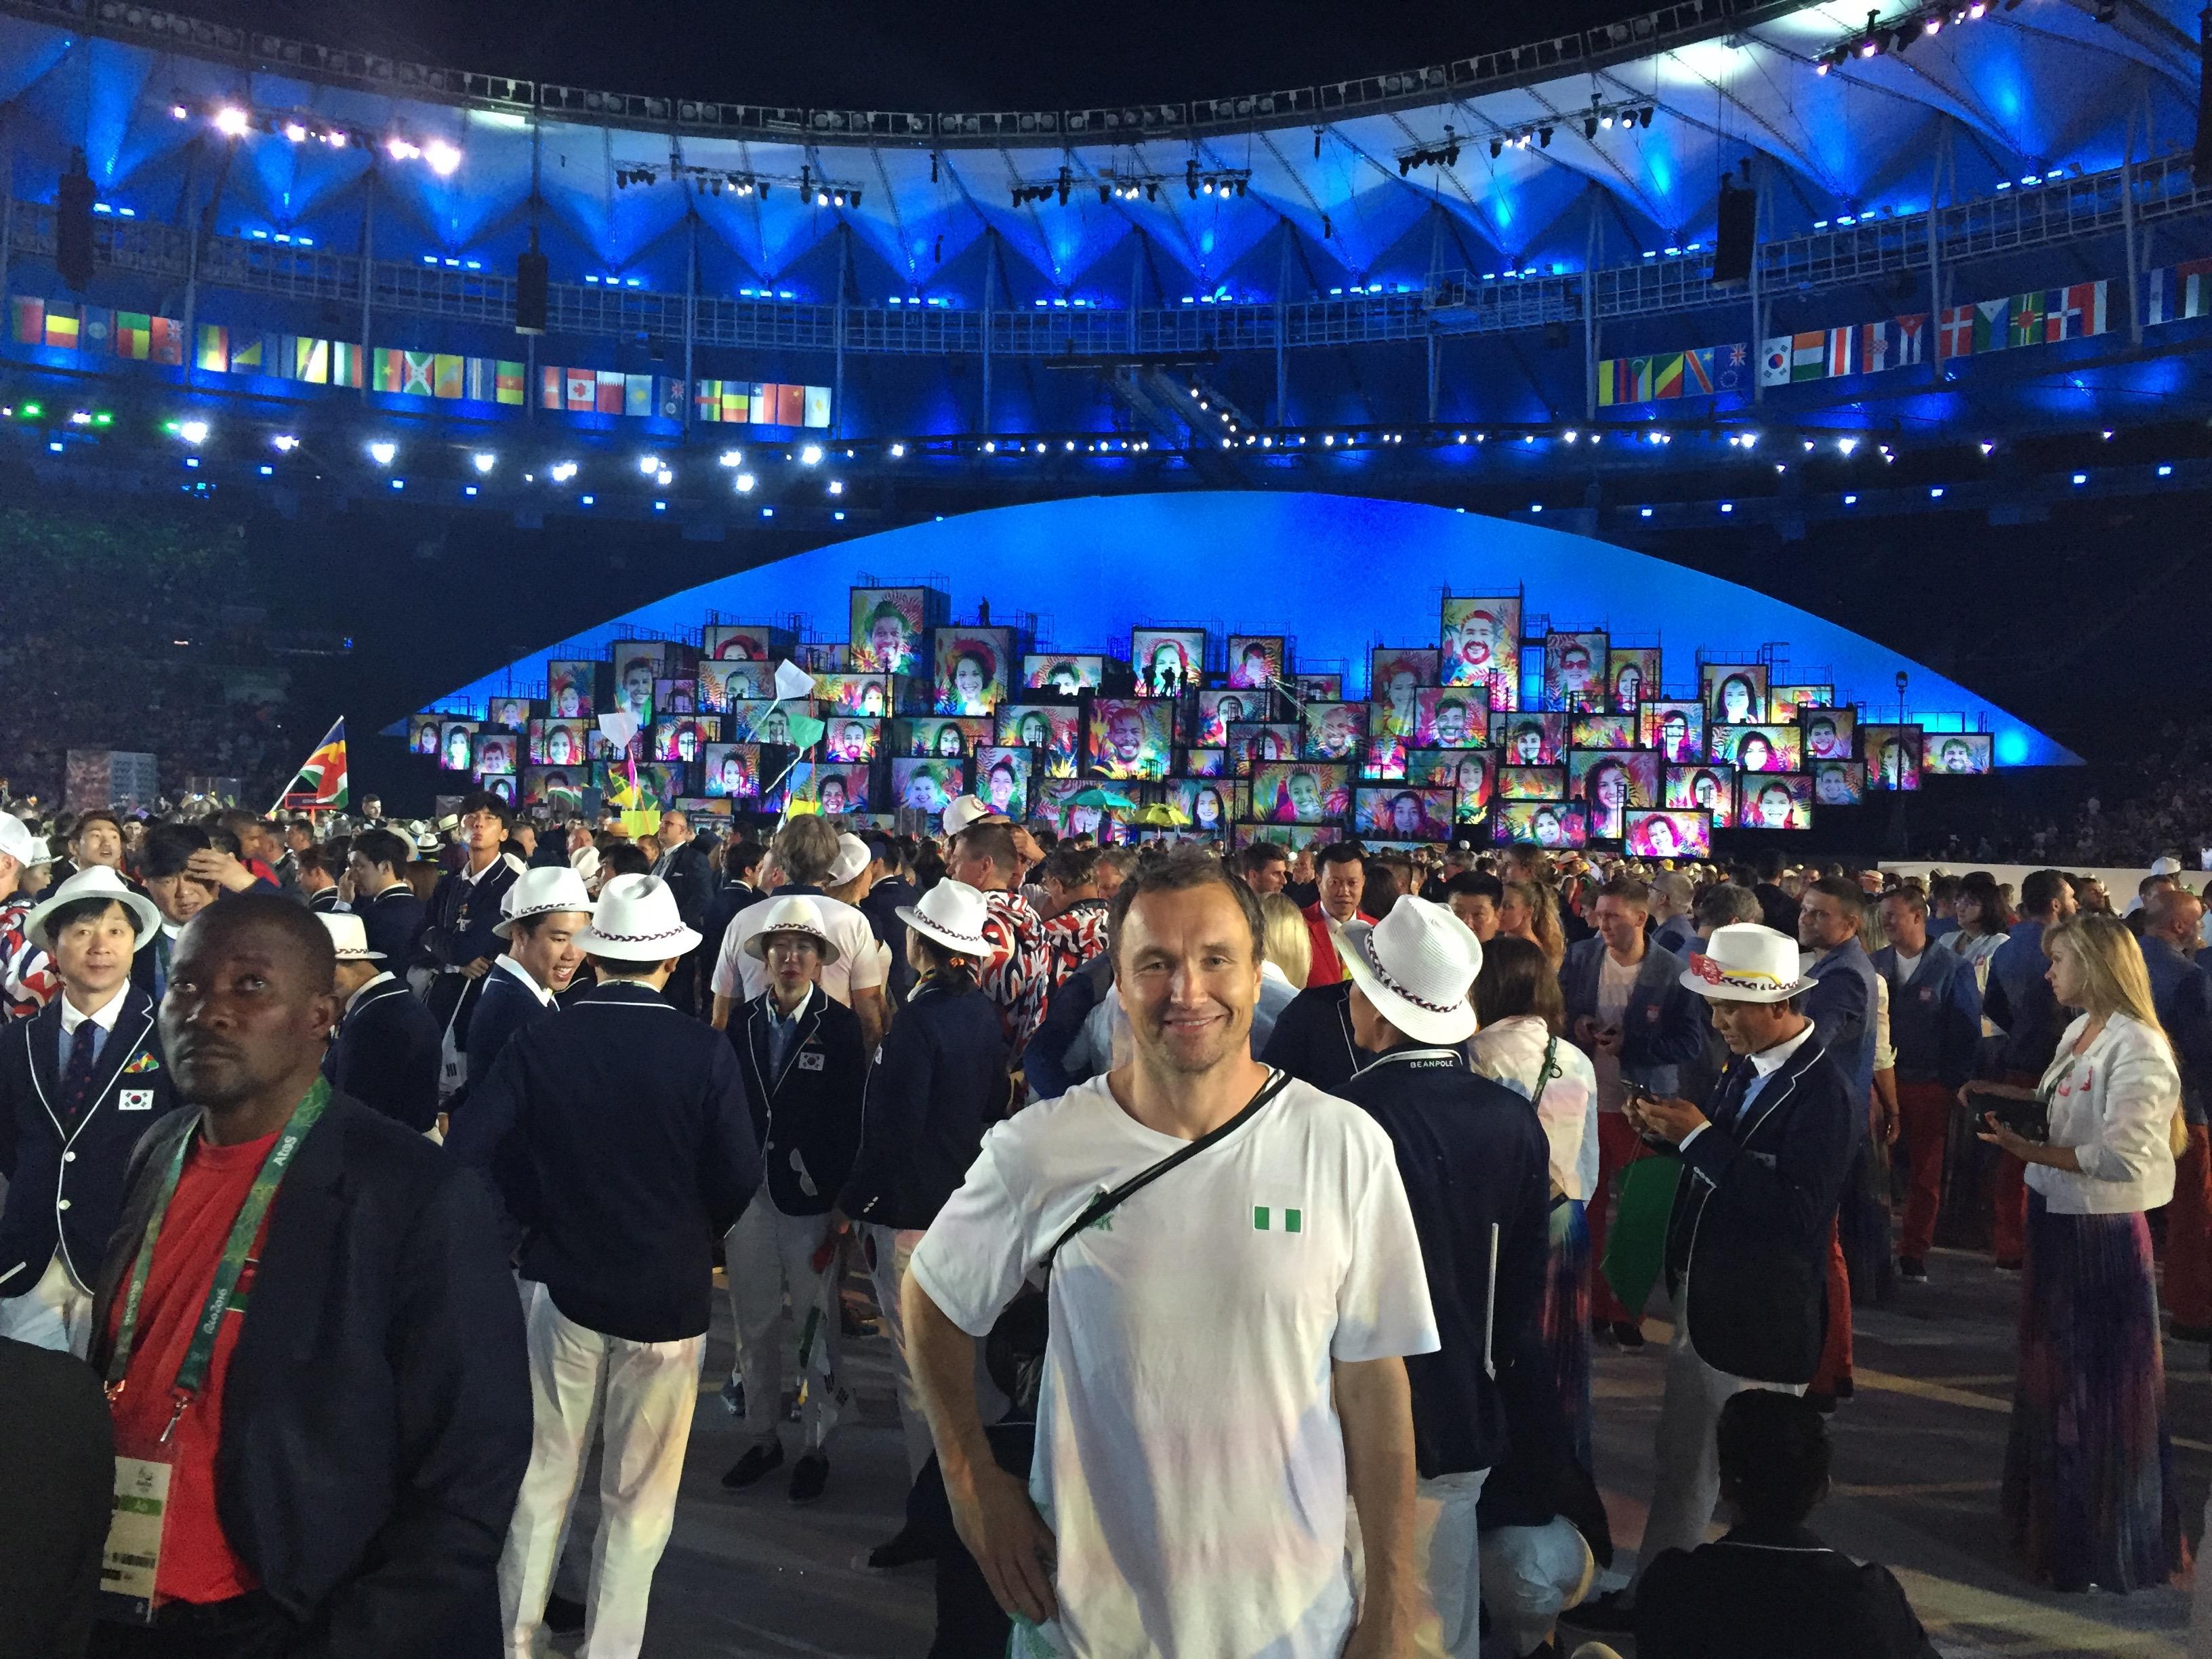 Murphys lov, alternative olympiske leker og assortert utvalg rariteter | OL-reisebrev 4